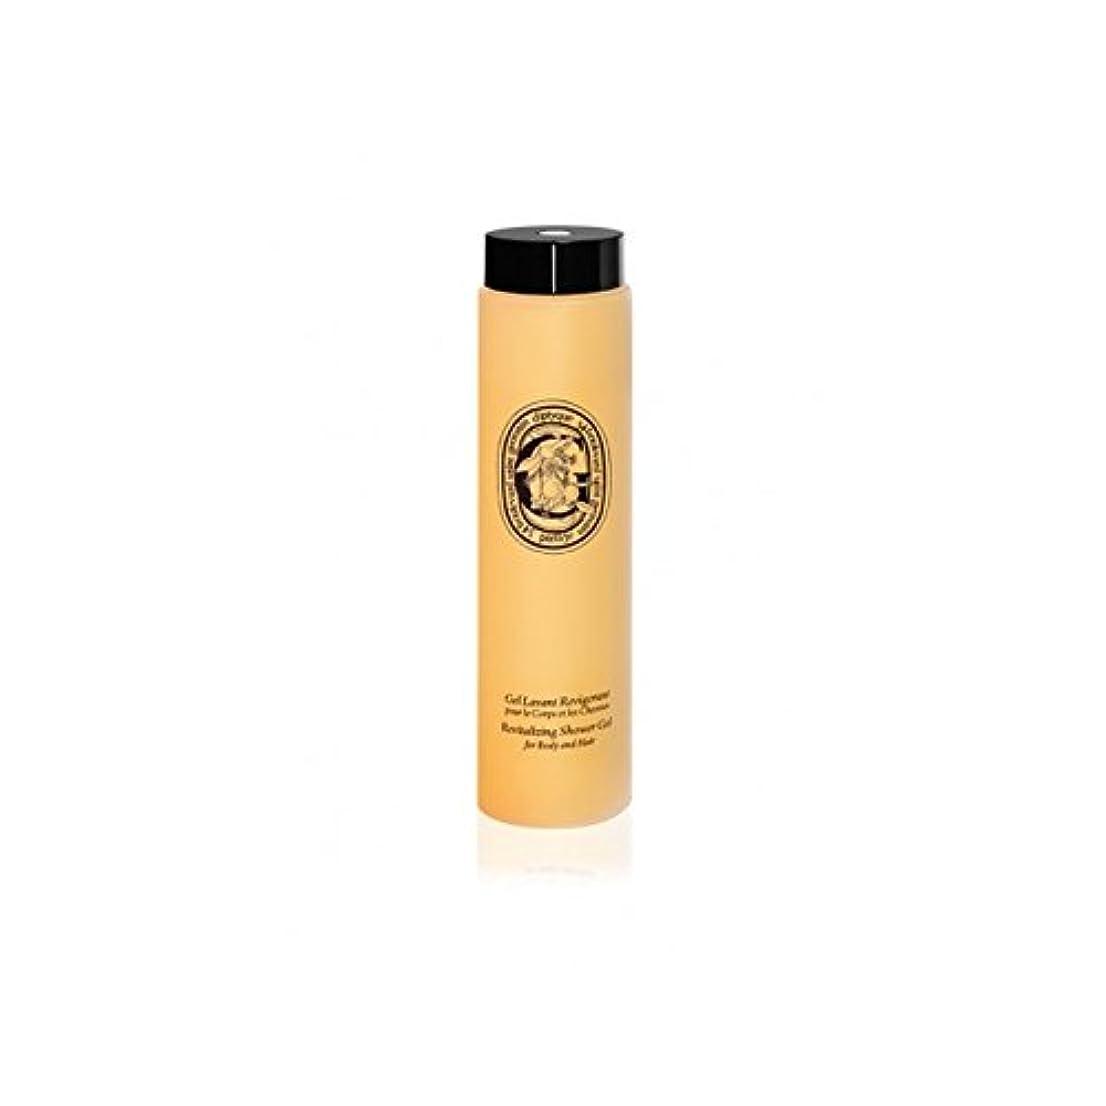 ロビーカールジェームズダイソンDiptyque Revitalizing Shower Gel For Body And Hair 200ml (Pack of 2) - ボディ、ヘア200ミリリットルのためDiptyqueのリバイタライジングシャワージェル (x2) [並行輸入品]